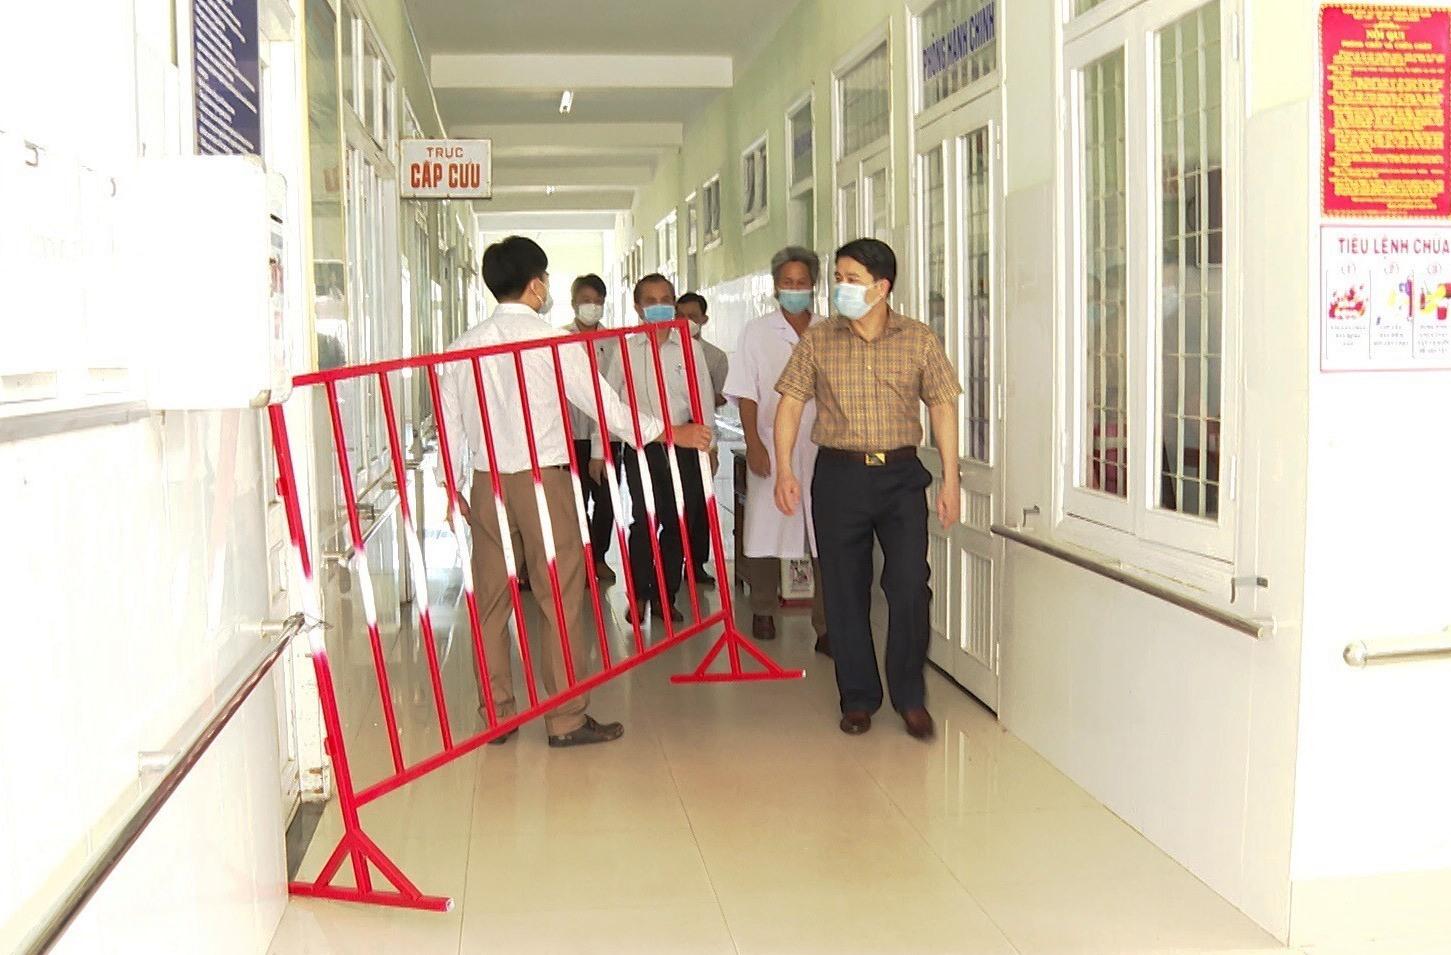 Đoàn công tác khảo sát các điều kiện về cơ sở vật chất tại Bệnh viện Dã chiến số 1. Ảnh: X.H